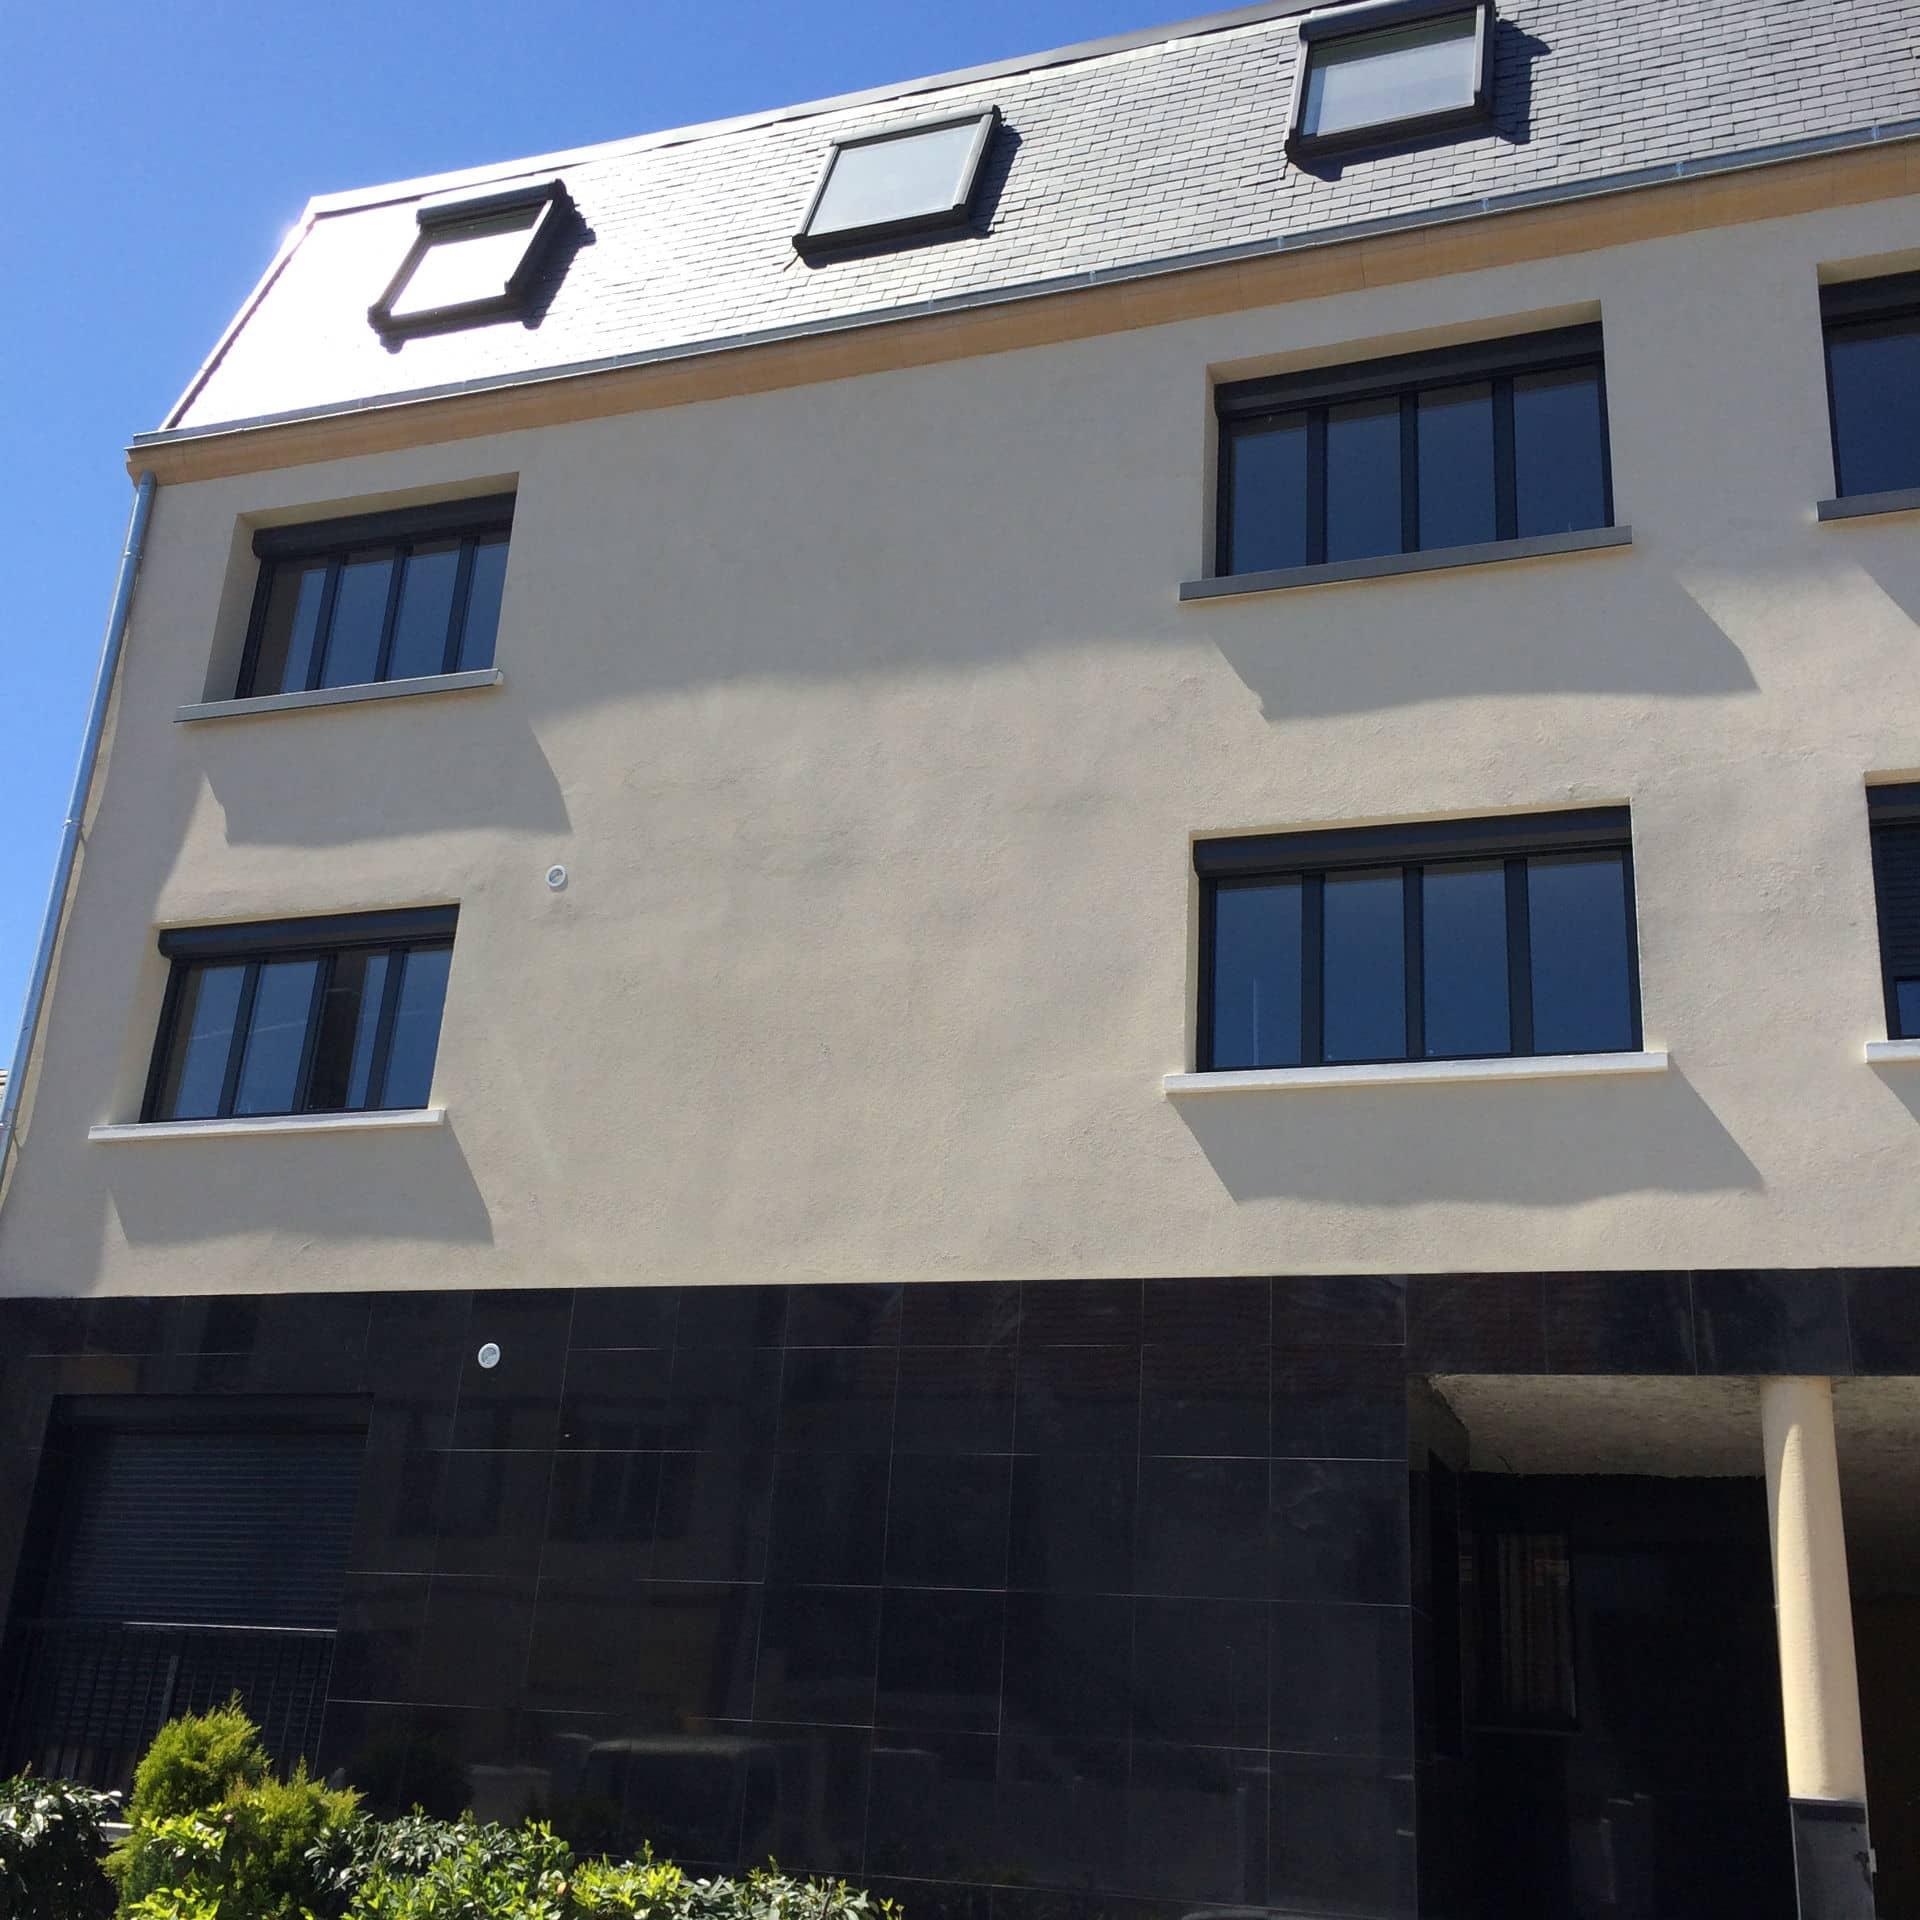 M Drahi immeuble Clamart Pixela2 - Etude, permis de construire et consultation des entreprises Clamart (92)